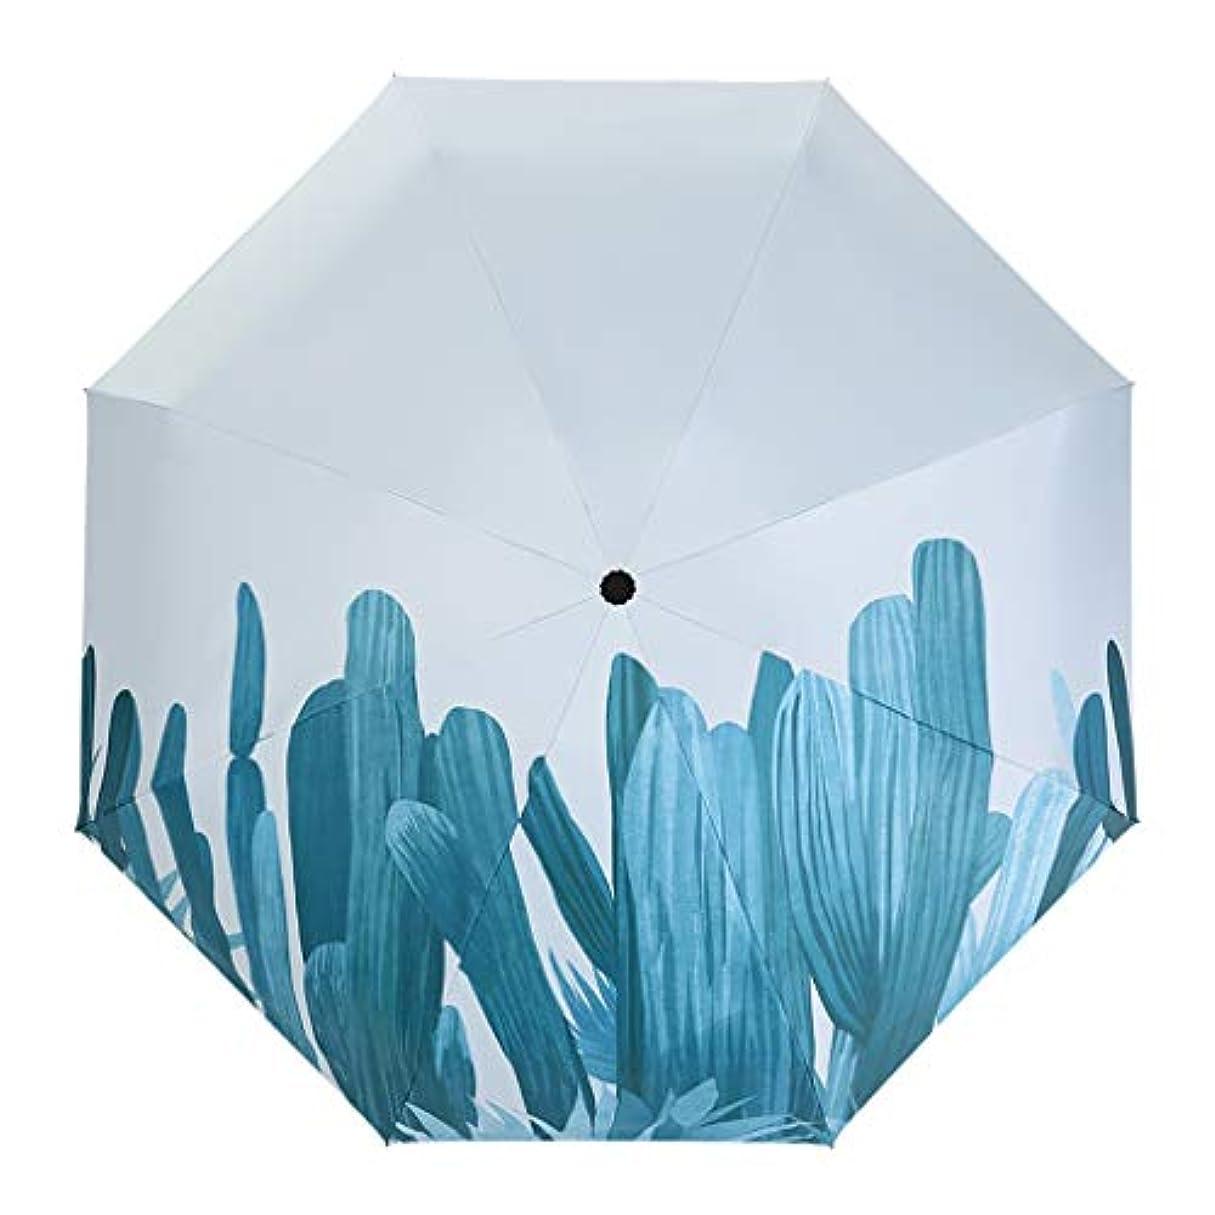 国勢調査節約暖かく日傘傘日光超軽量小さな傘抗UV傘折りたたみ光旅行ポータブル雨と雨の兼用